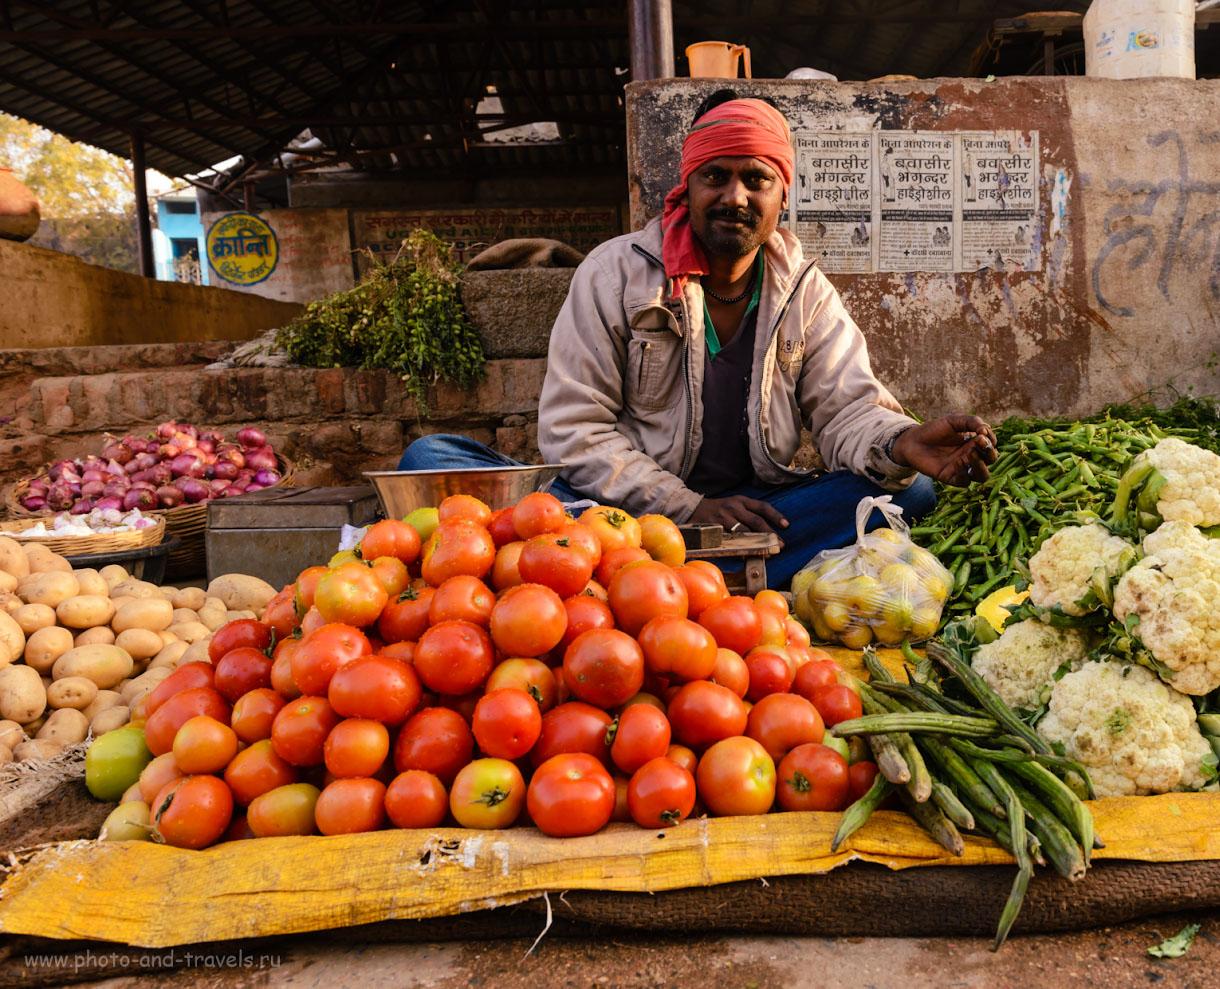 Фотография 11. Продавец овощей на рынке в Орчхе. Отчет о путешествии по Центральной Индии зимой. 1/50, 10.0, 280, 24.